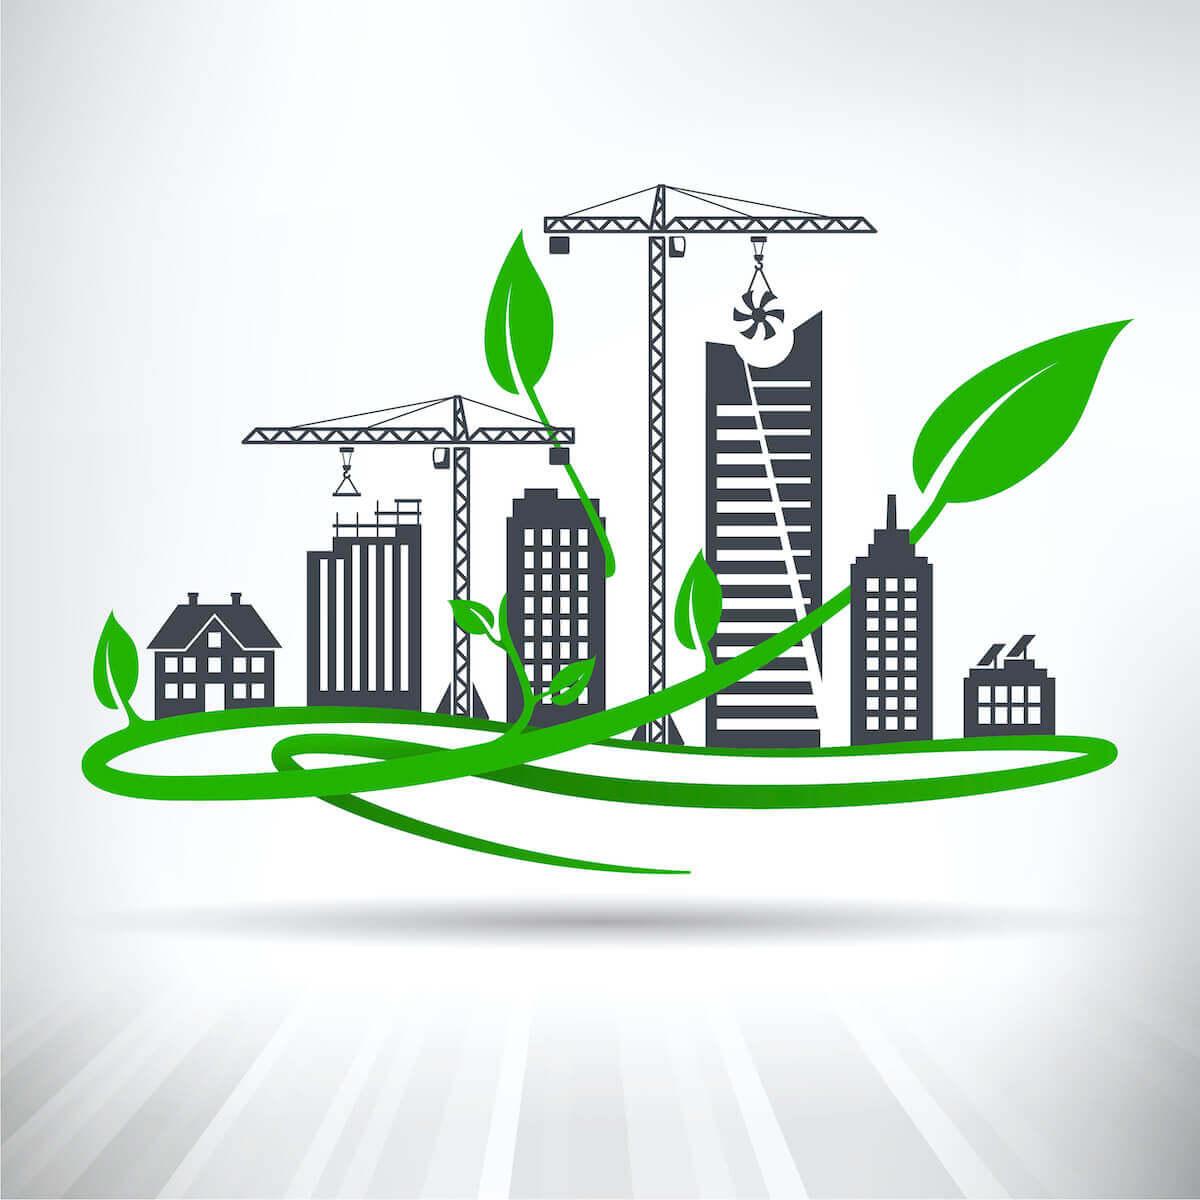 Ein nachhaltiges Baukonzept